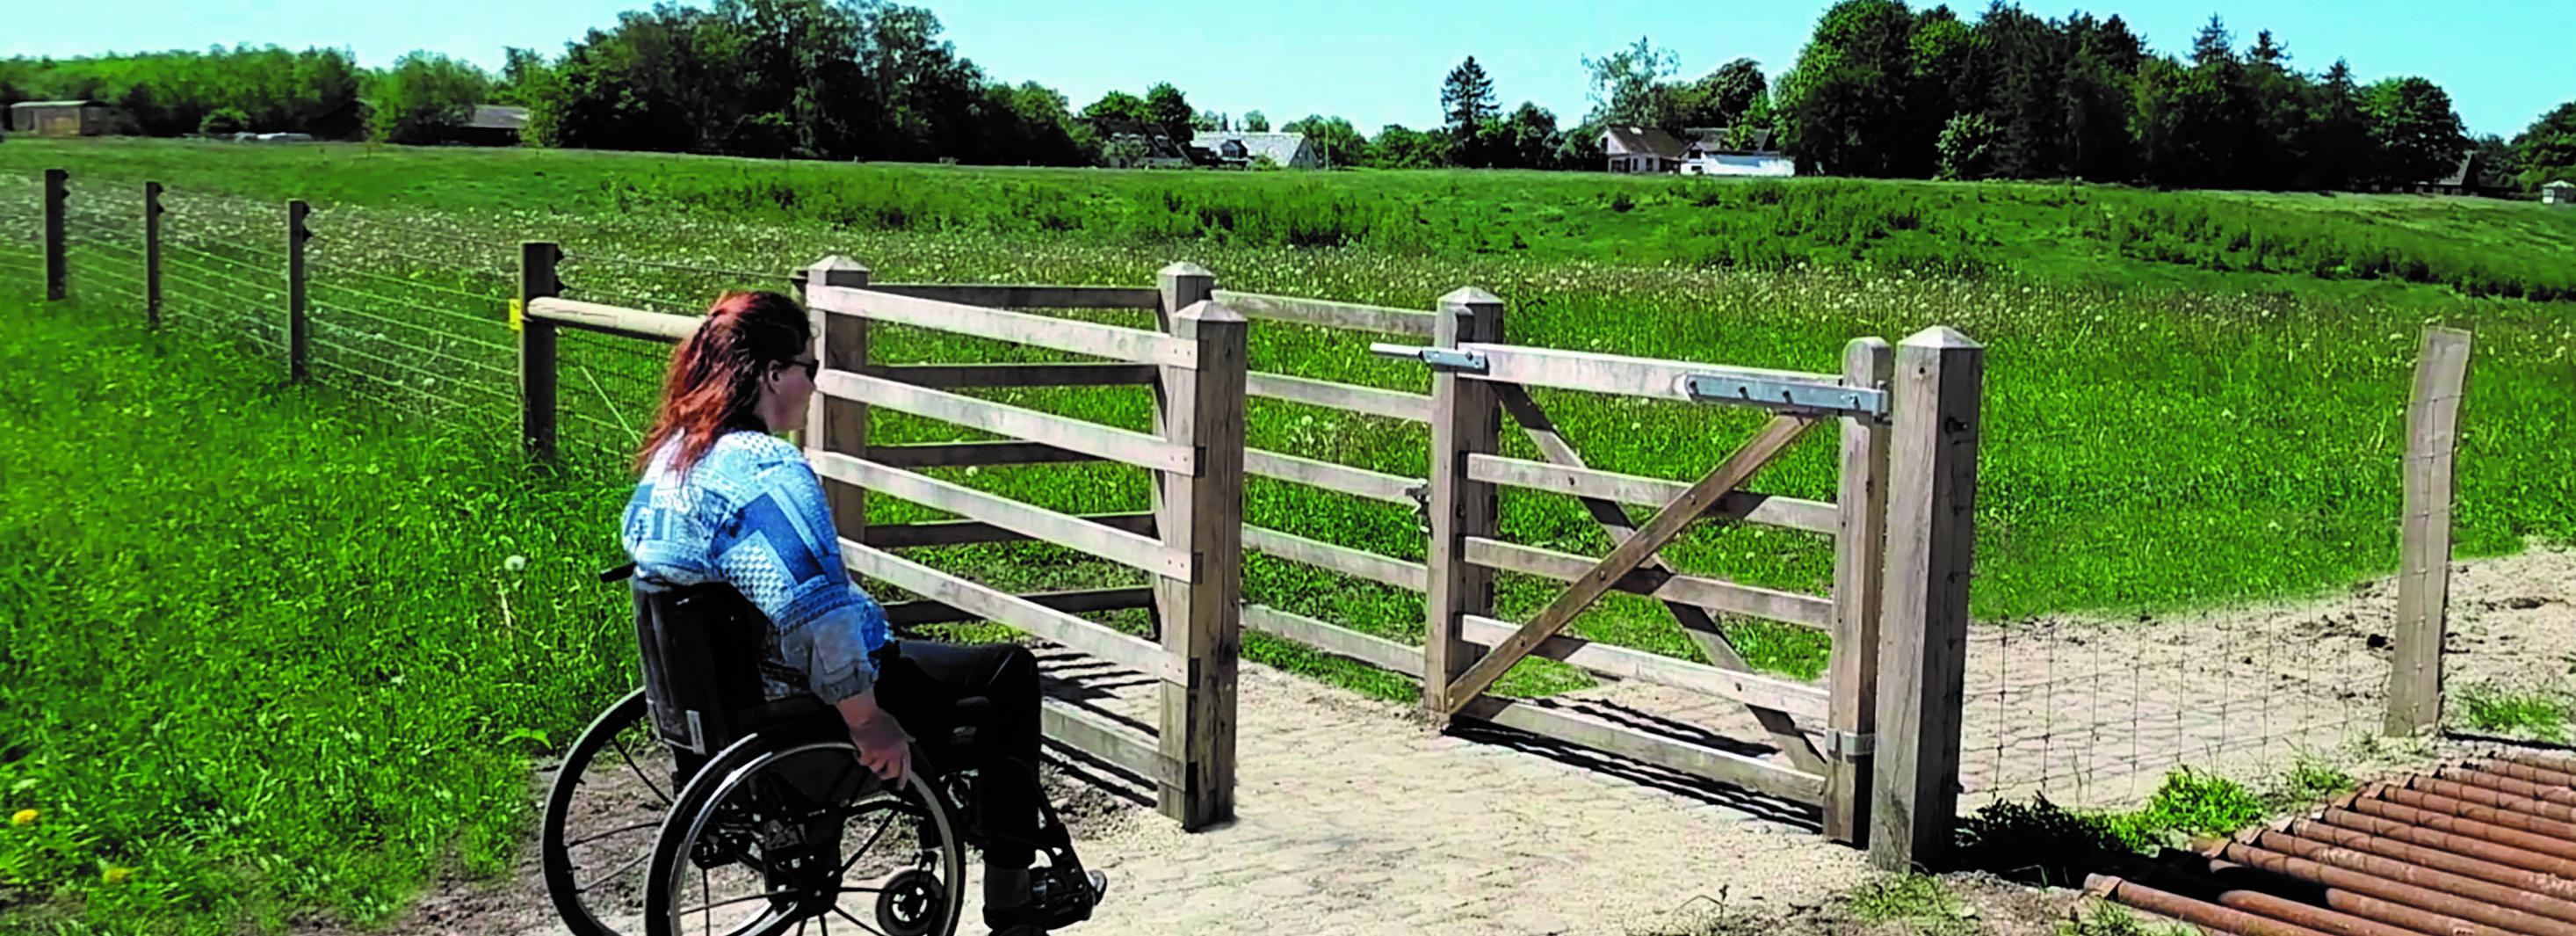 Eine Frau im Rollstuhl ist auf dem Weg zu einem HandyGate. Die Zugangsschleuse bietet Zugang zu einem eingezäunten Bereich mit Tieren | Poda Zaun